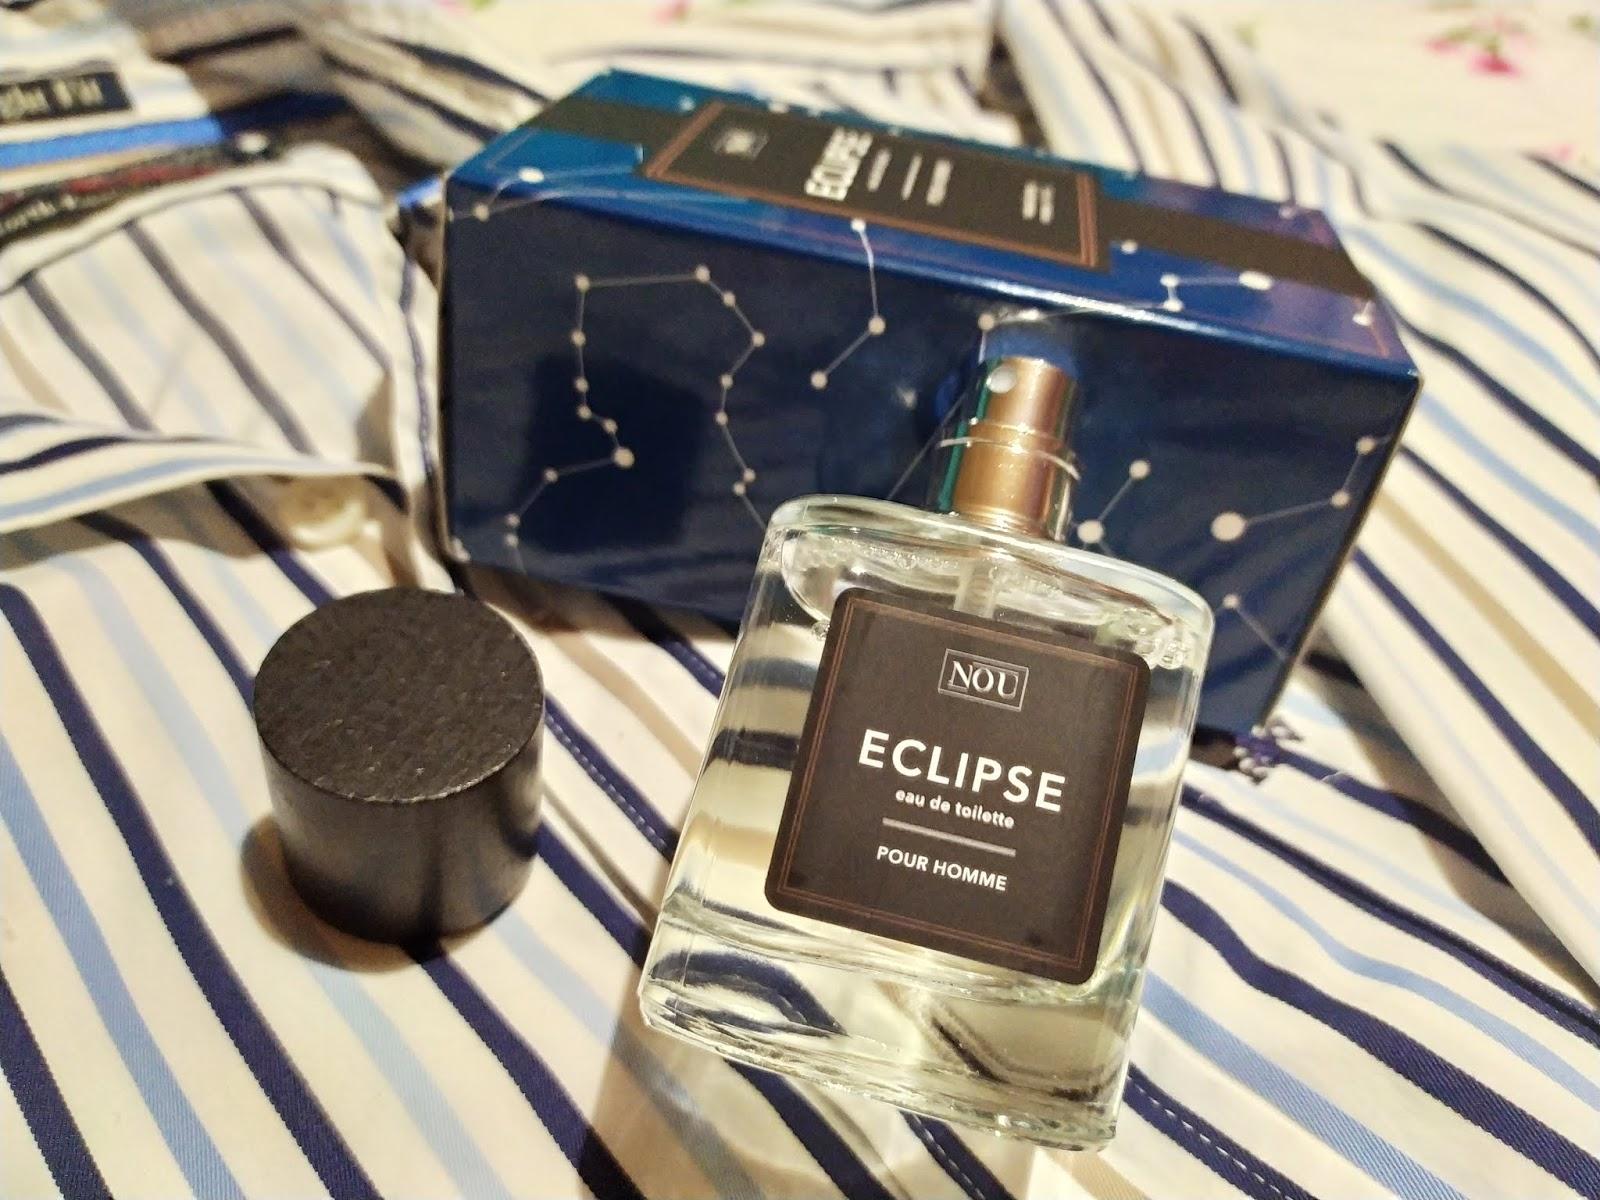 NOU Eclipse - wyjątkowy zapach dla mężczyzn